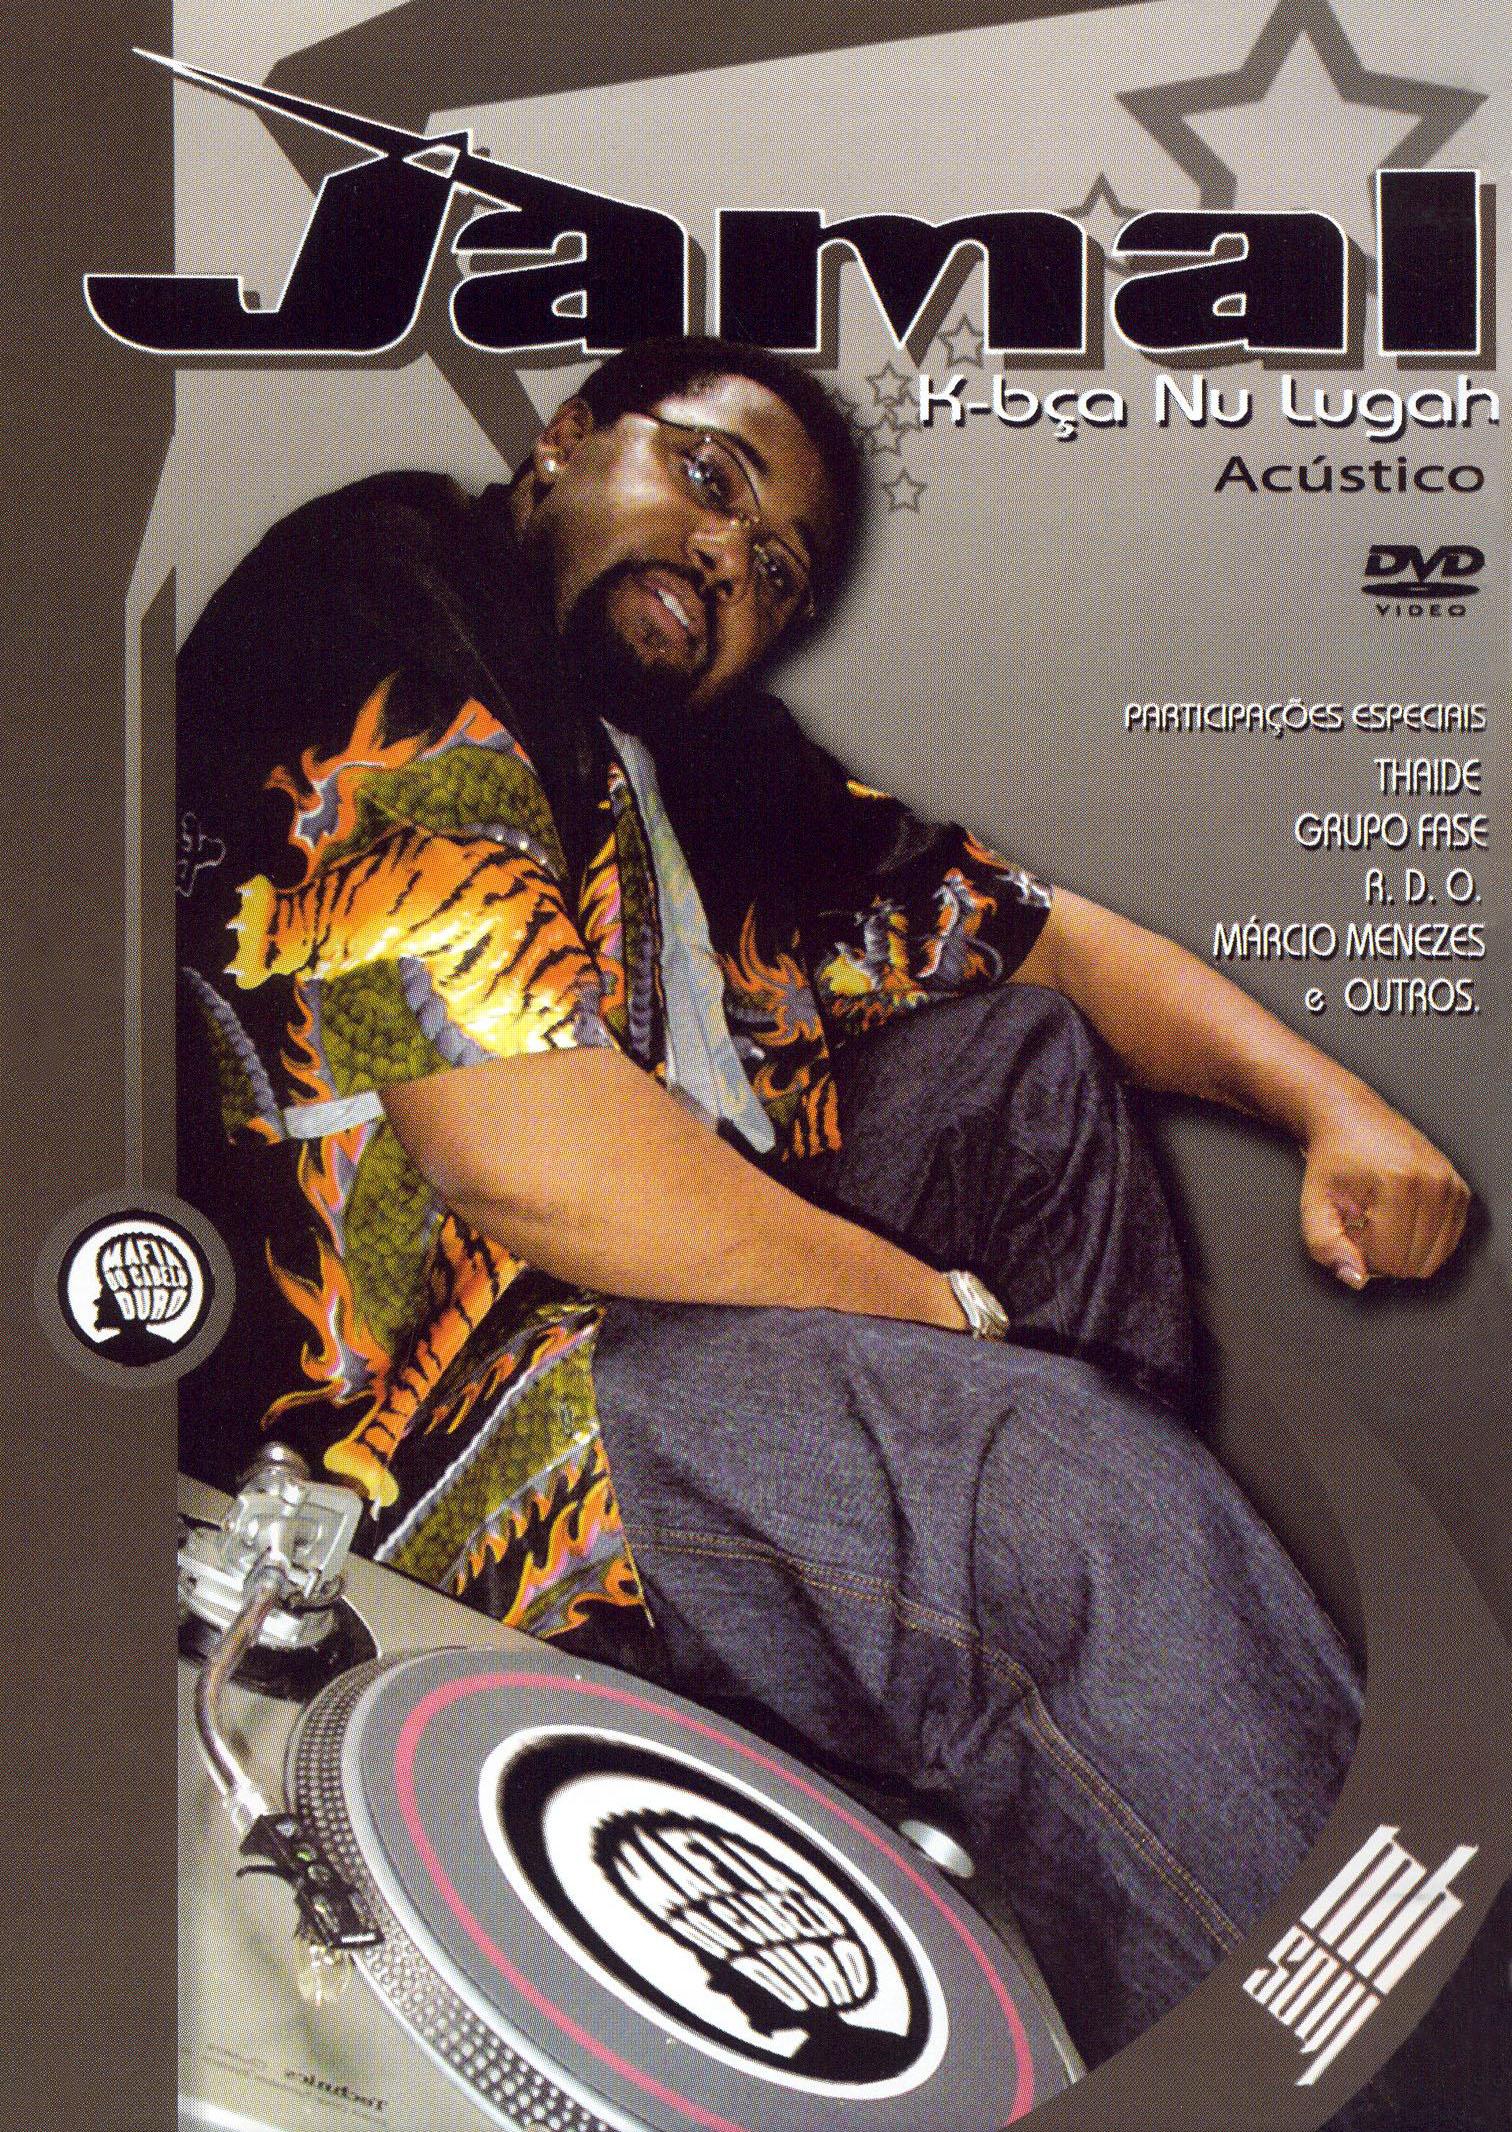 Jamal Jamal: K-Bca Nu Lugah - Acustico